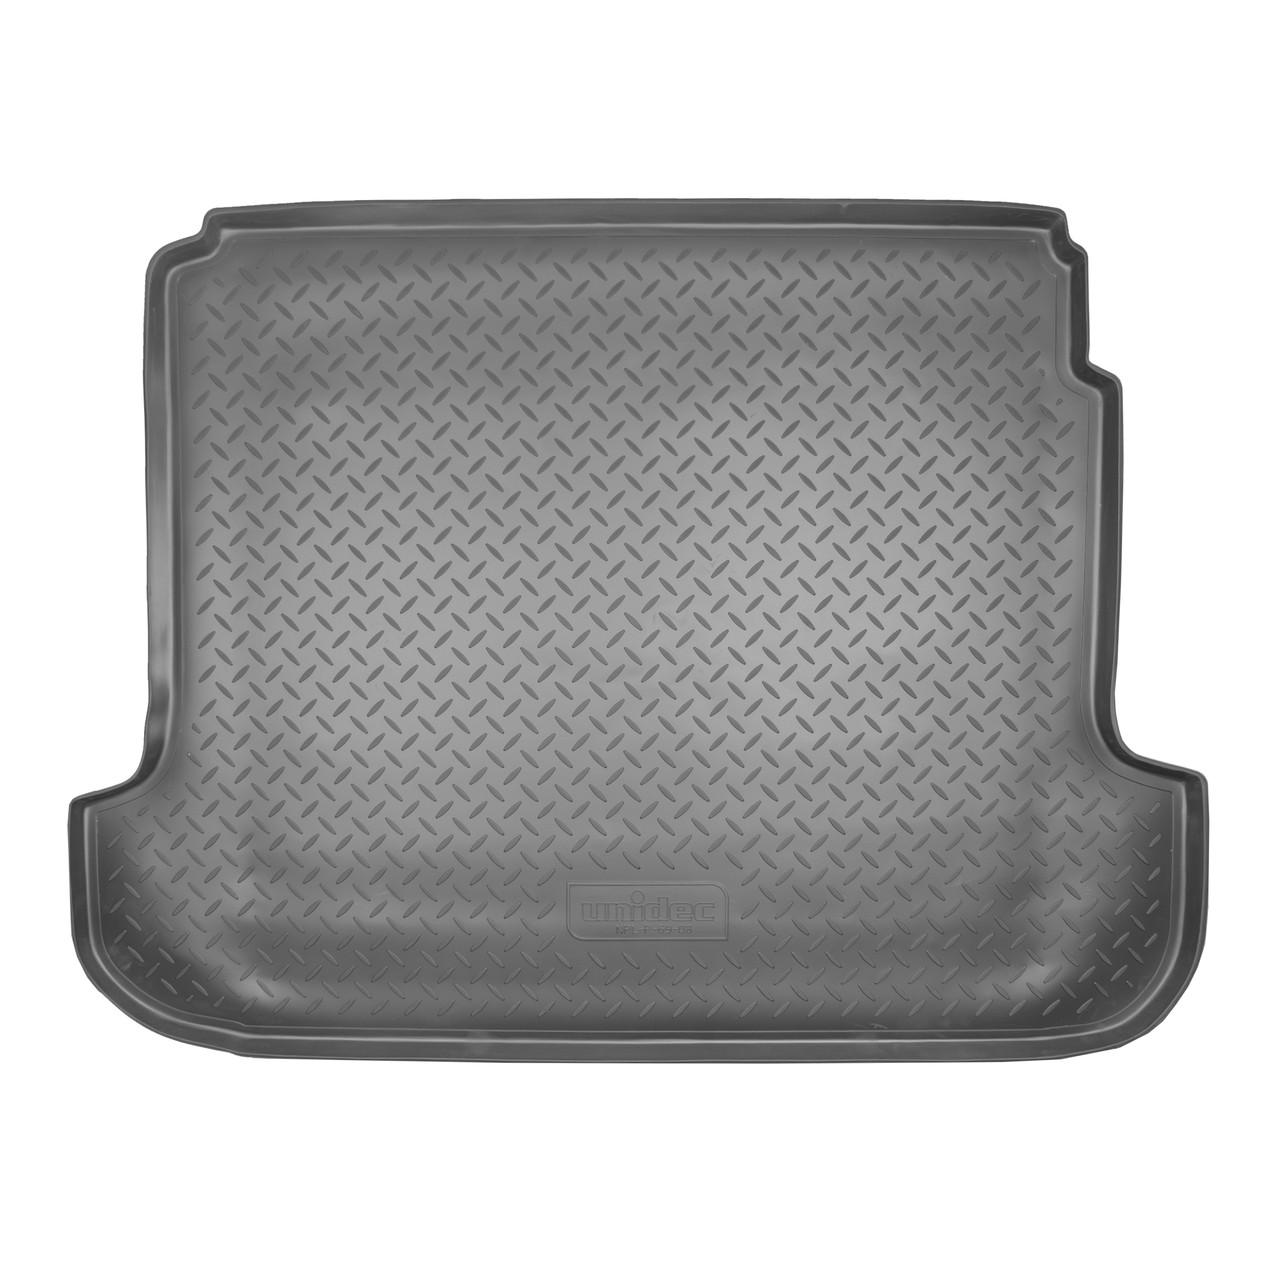 Коврик в багажник Renault Fluence SD (2010)